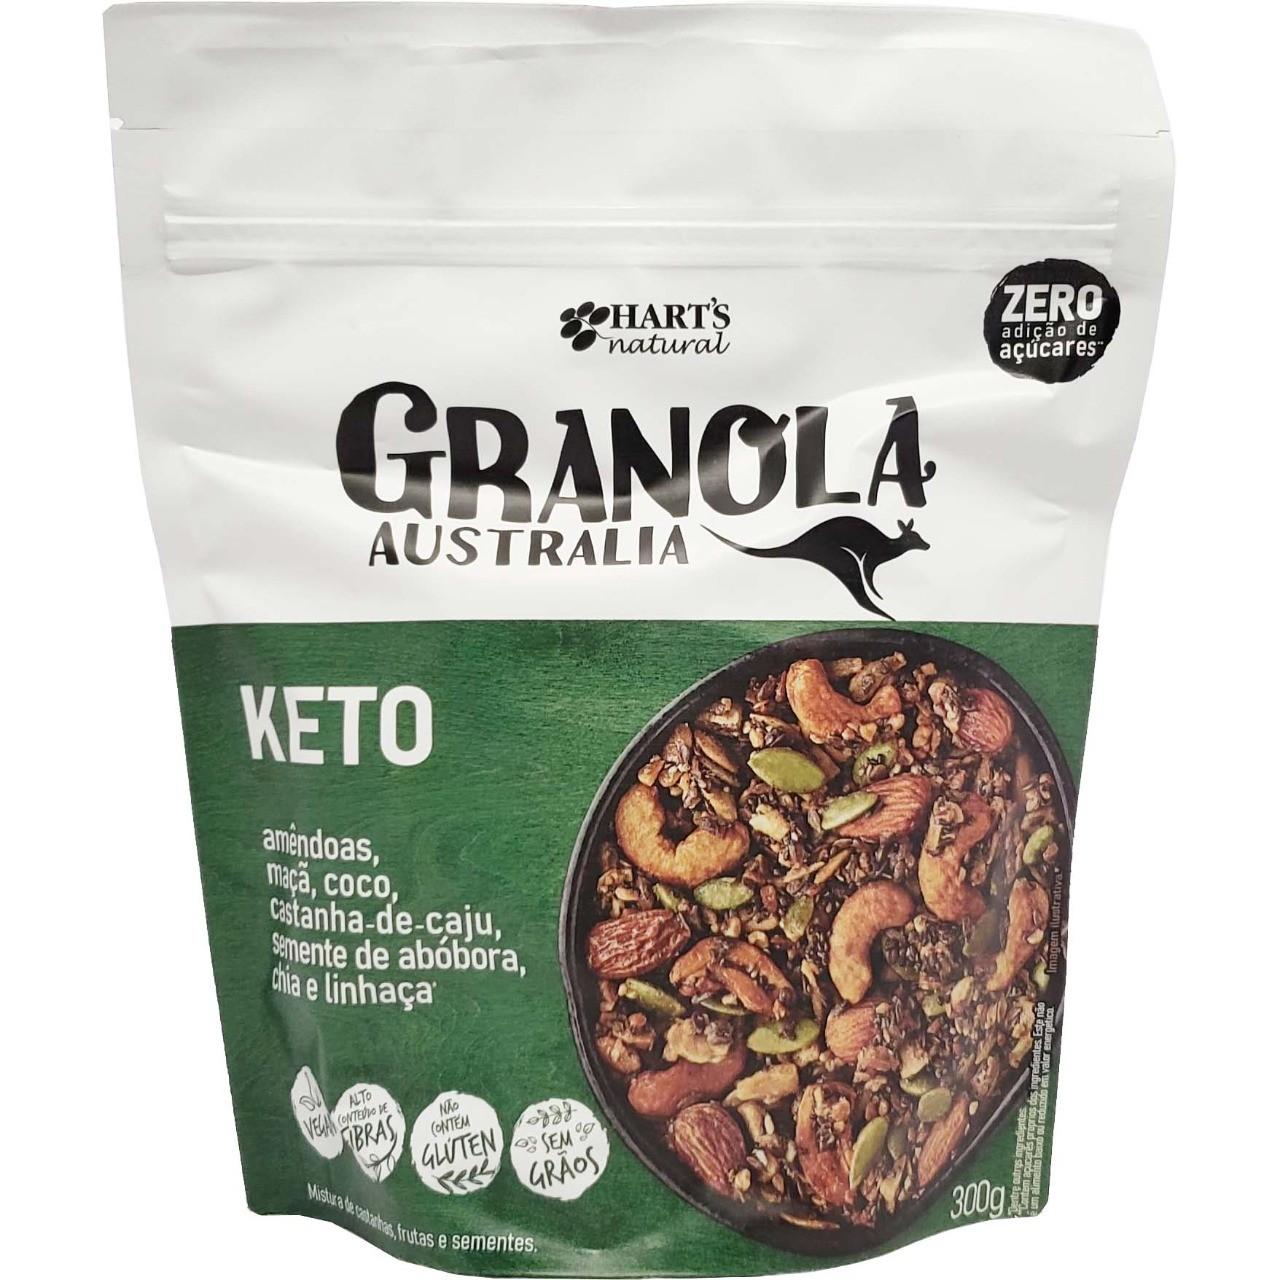 Granola Australia Keto Hart´s Natural - 300g -